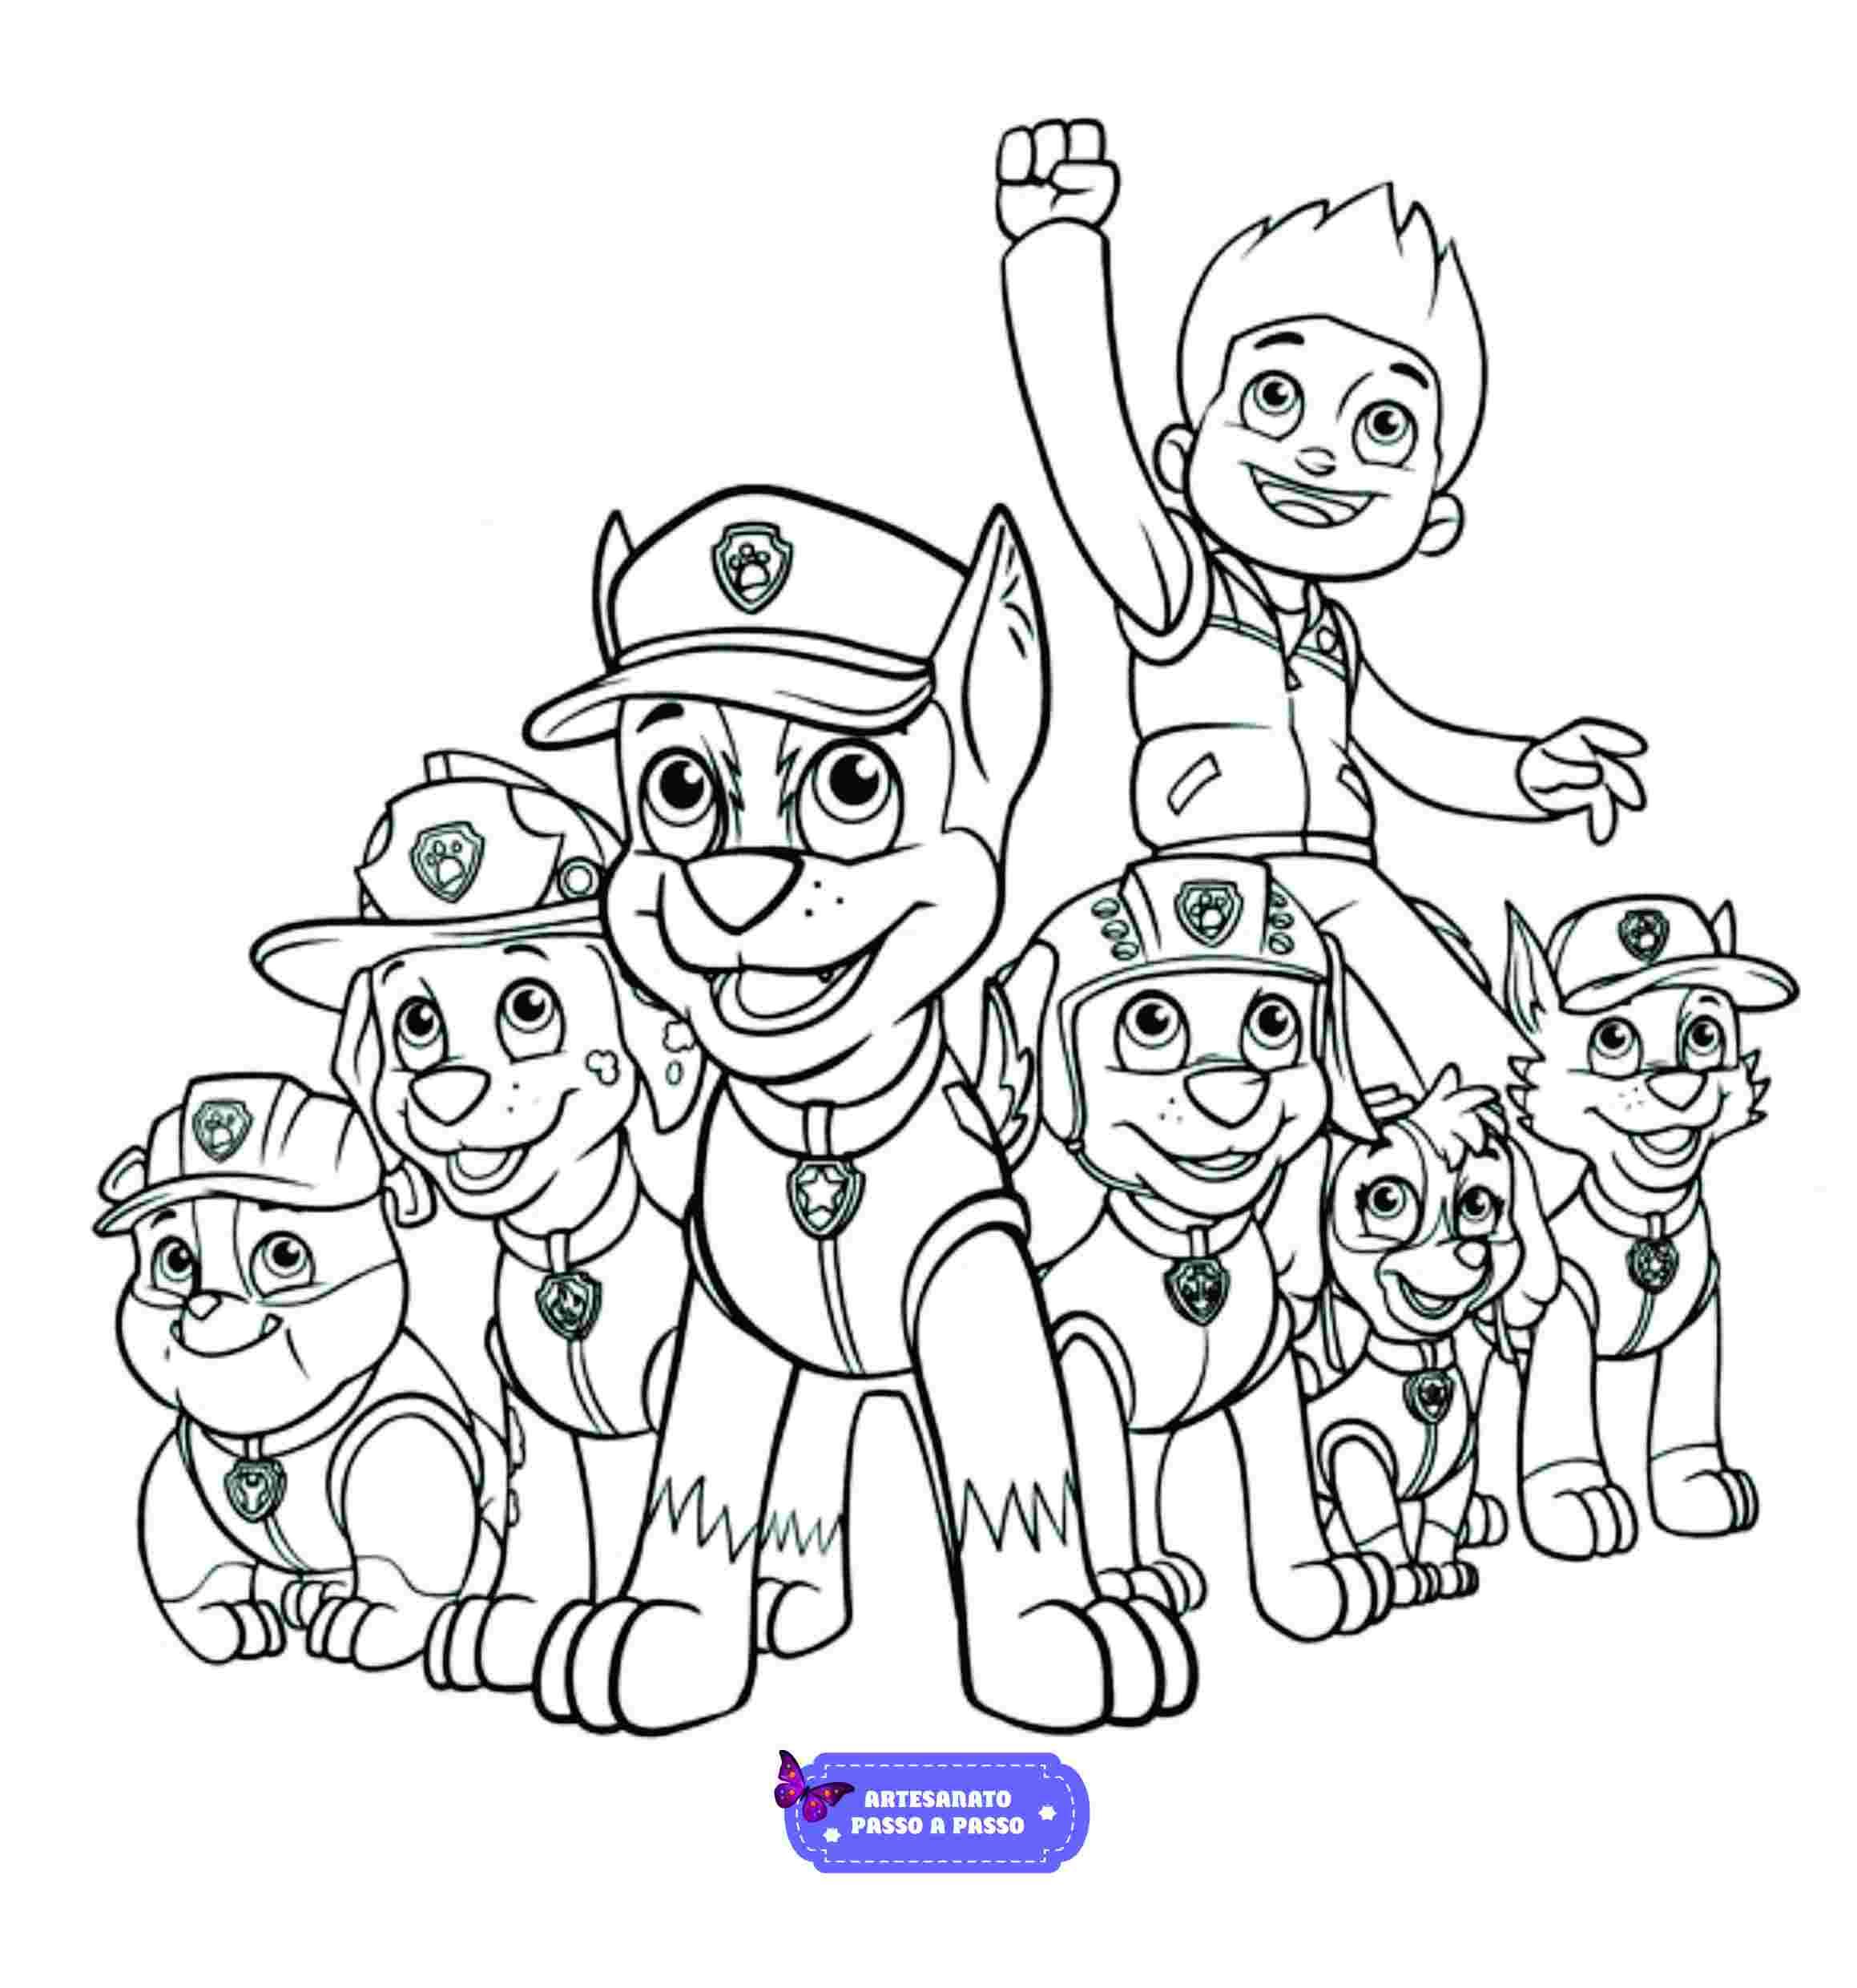 turma-da-patrulha-canina-para-colorir